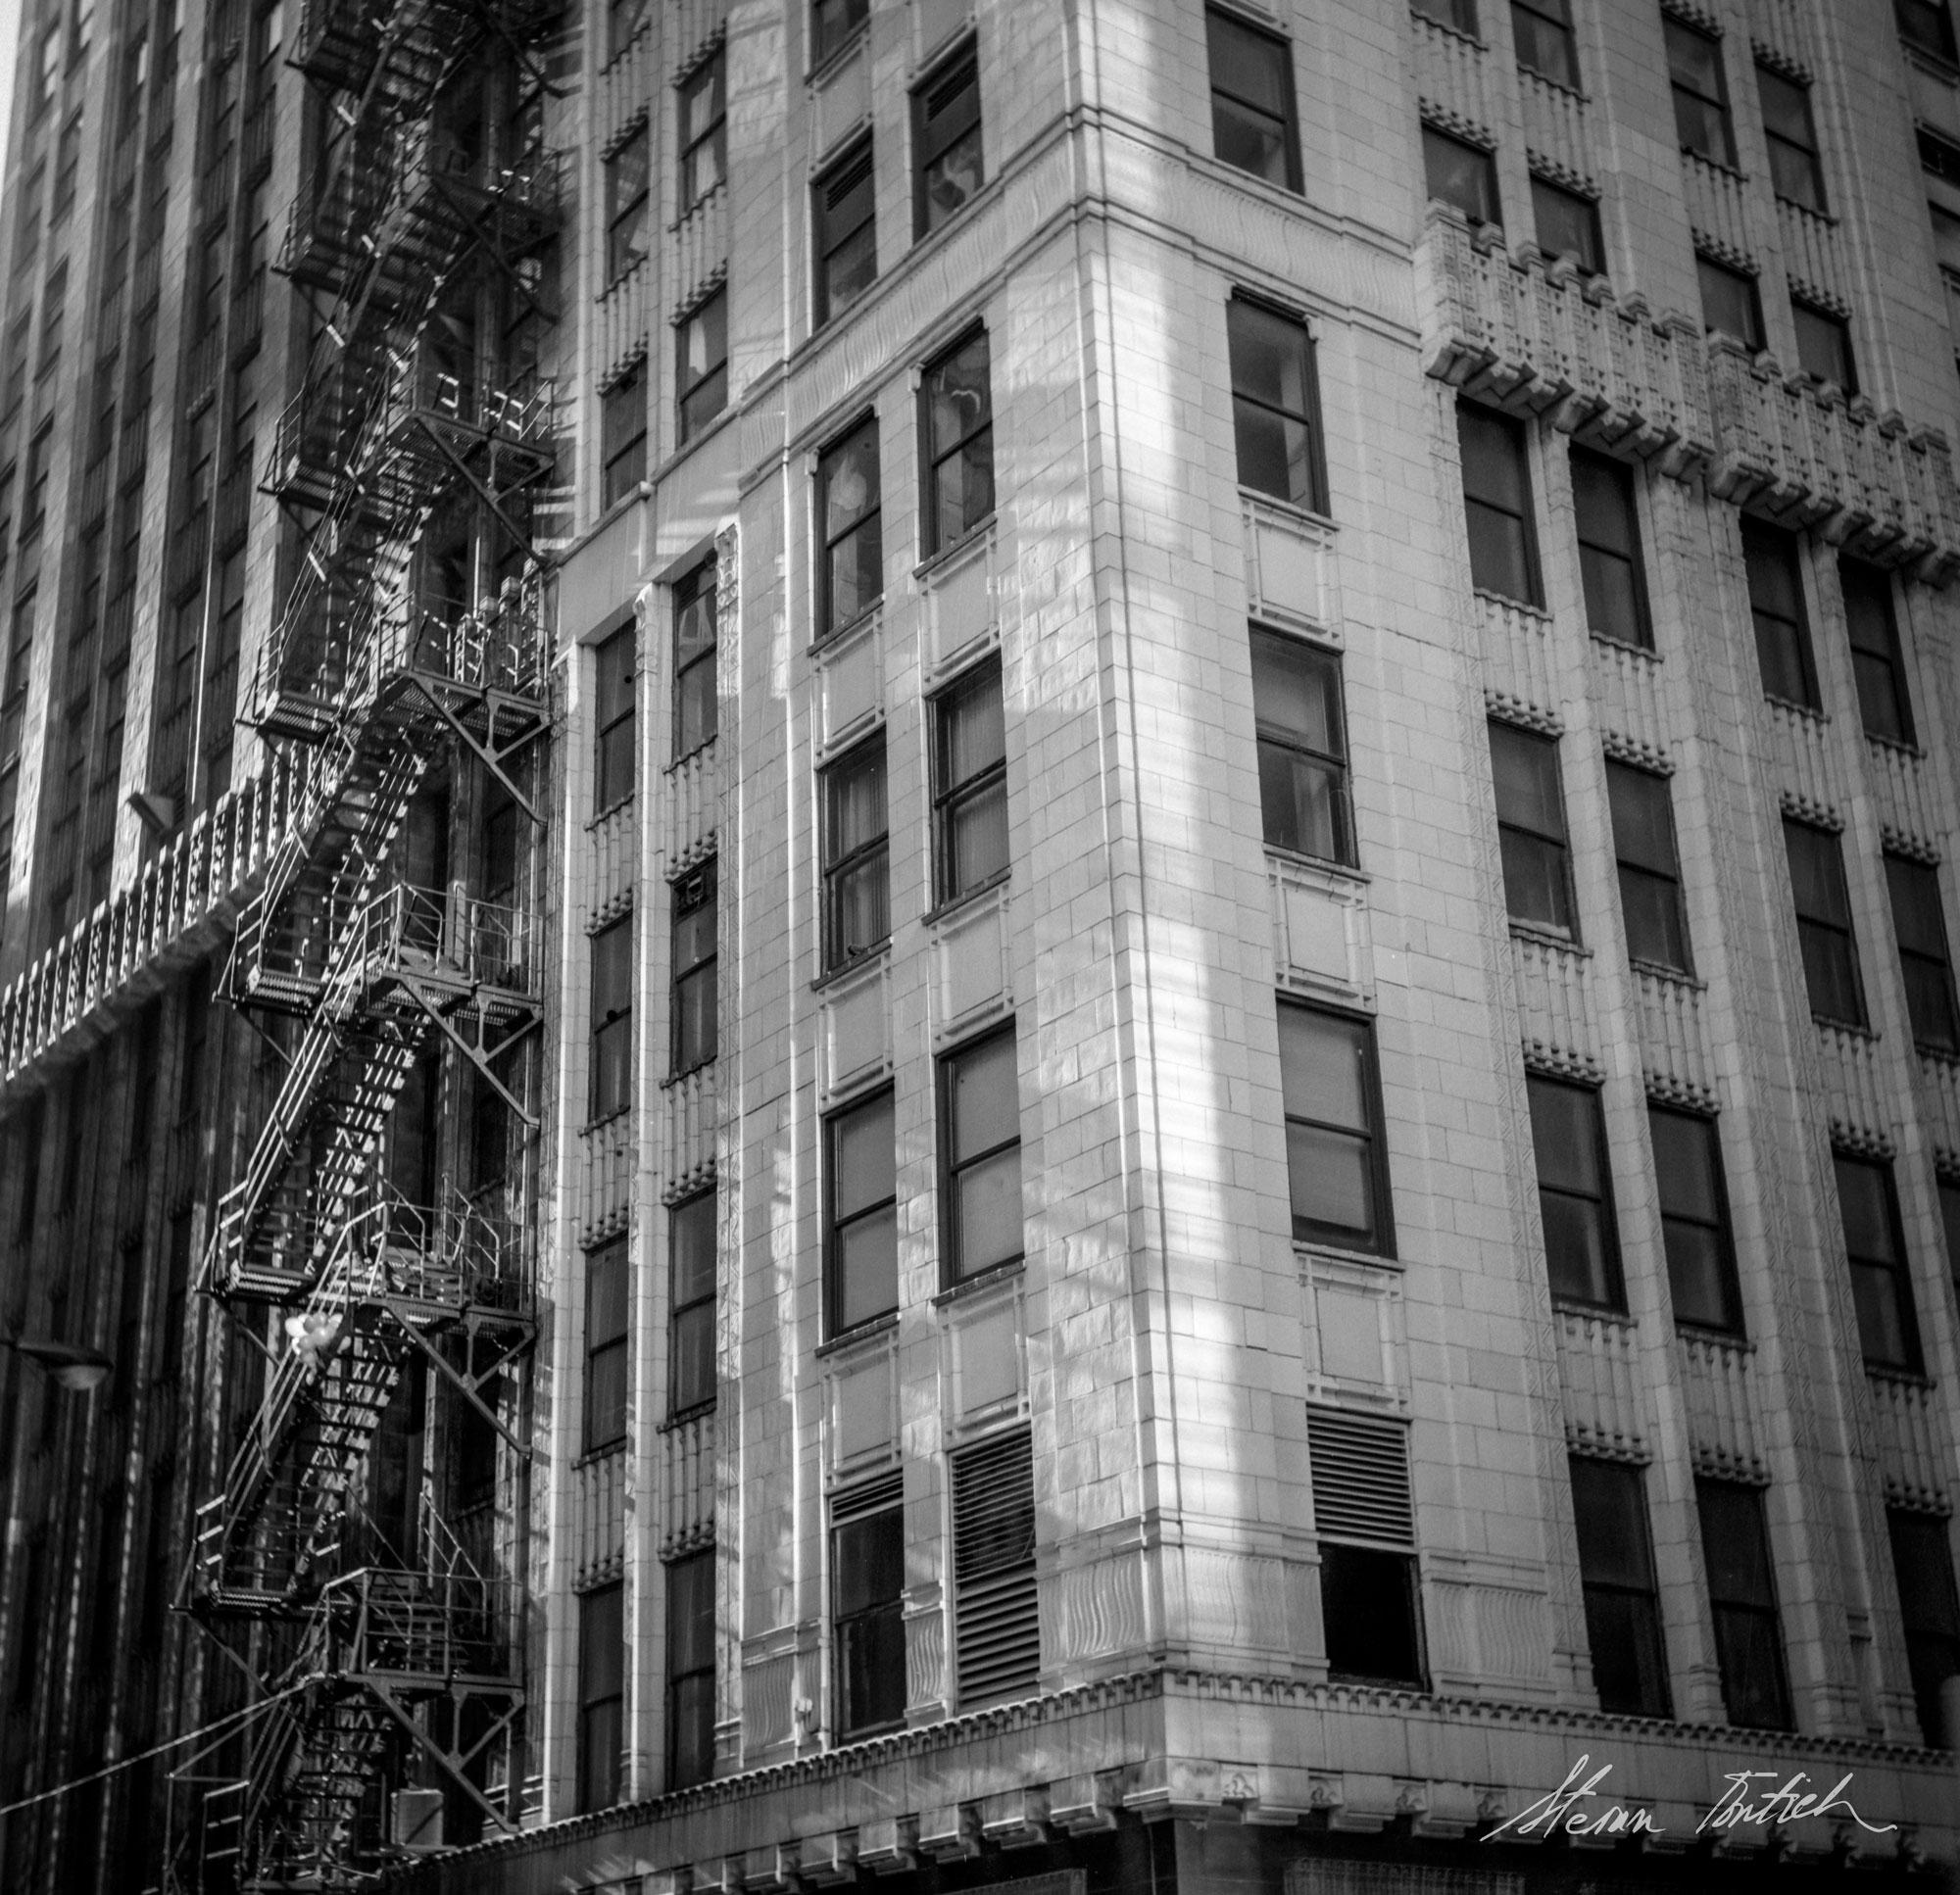 chicagowinter-06.jpg